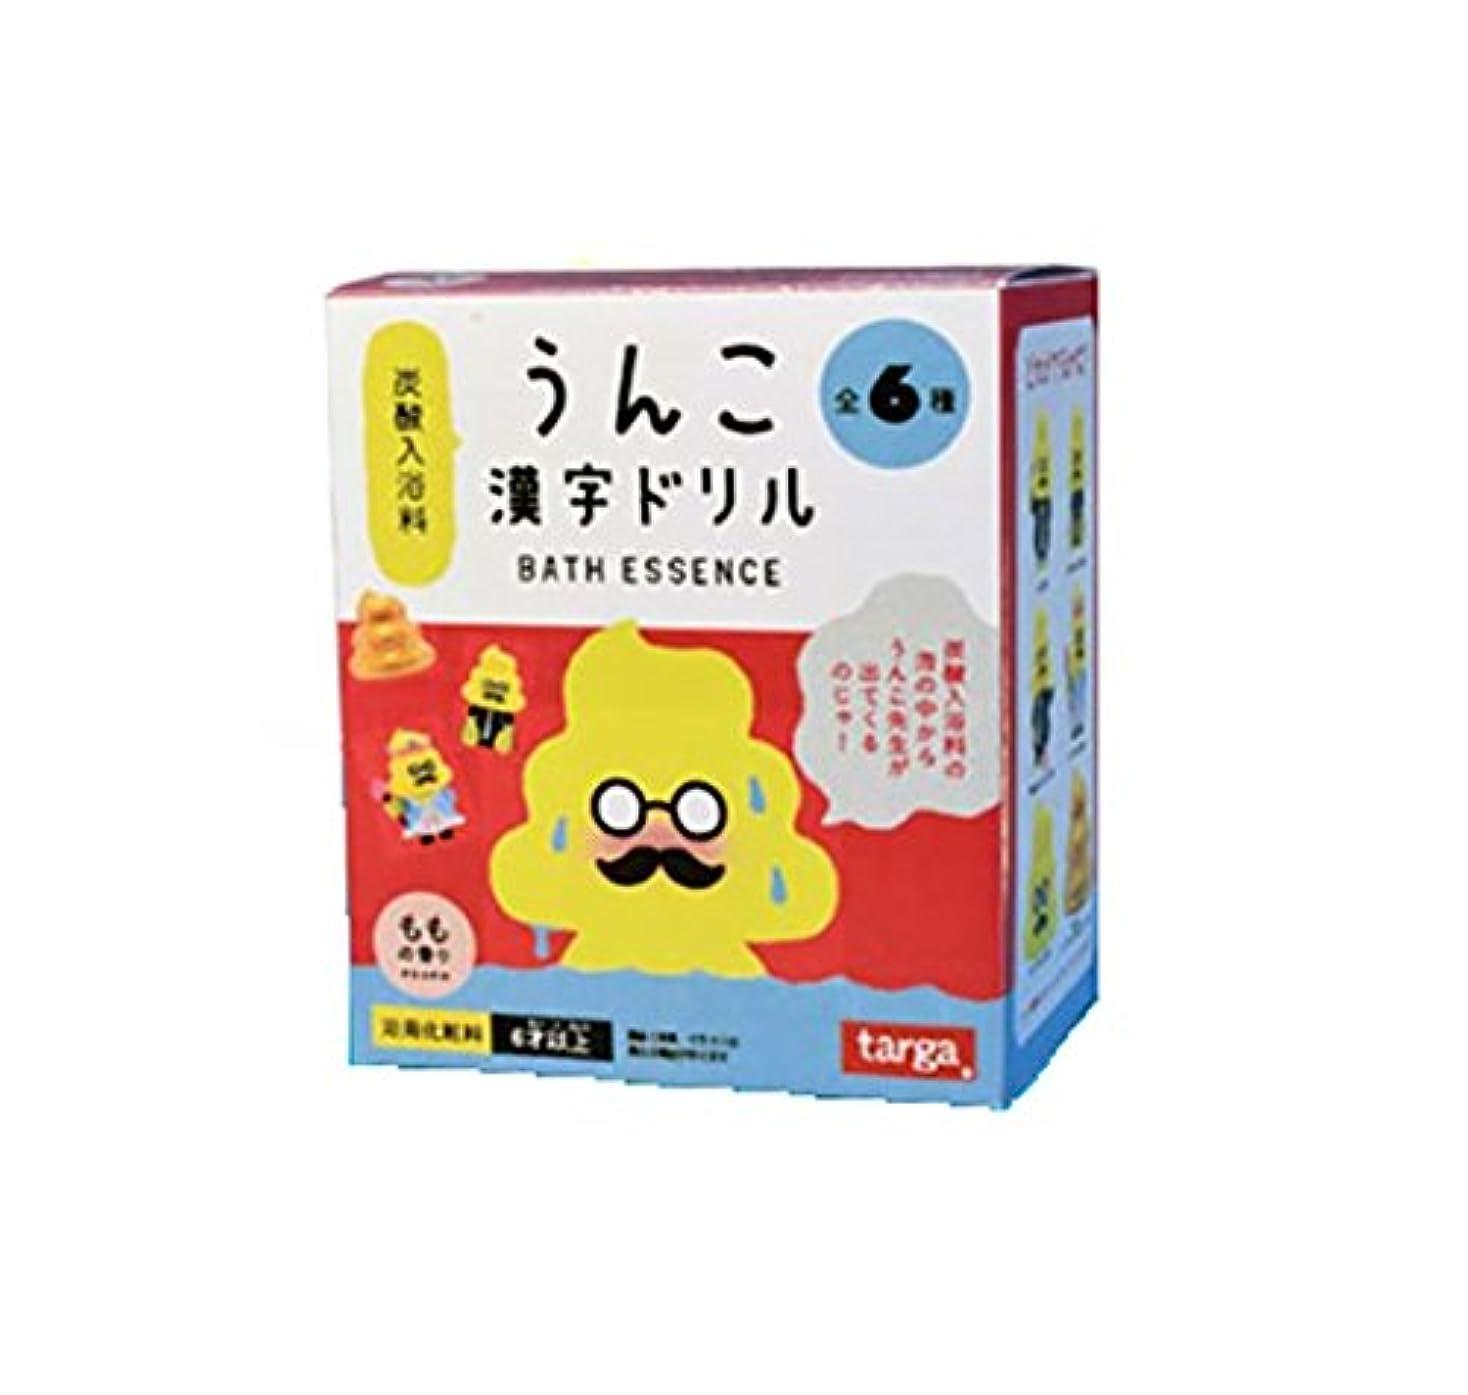 再生属する別にうんこ漢字ドリル 炭酸入浴料 BOX